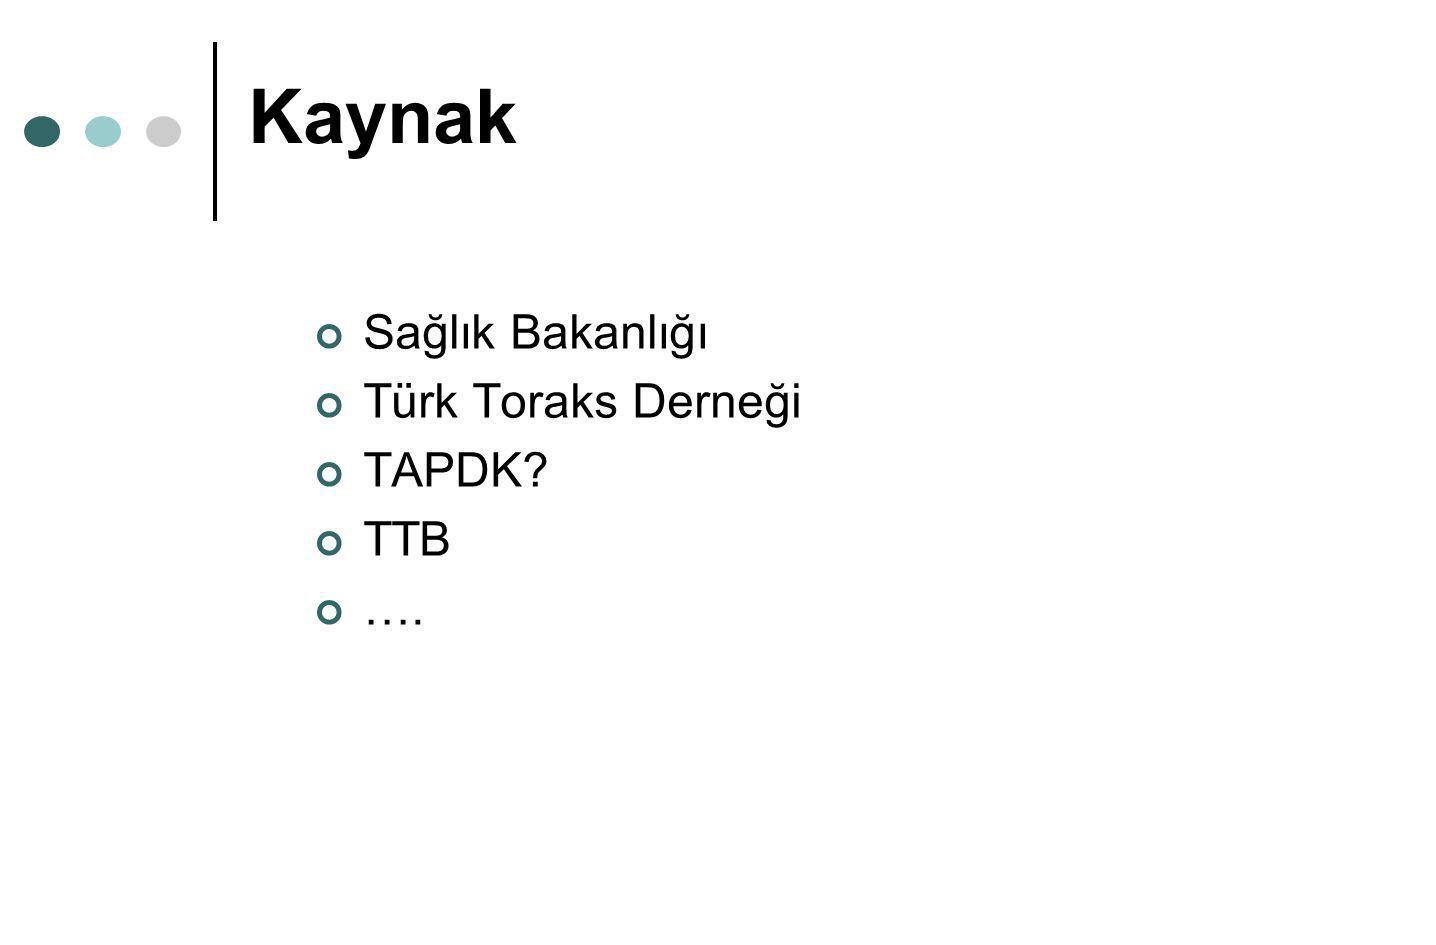 Kaynak Sağlık Bakanlığı Türk Toraks Derneği TAPDK TTB ….